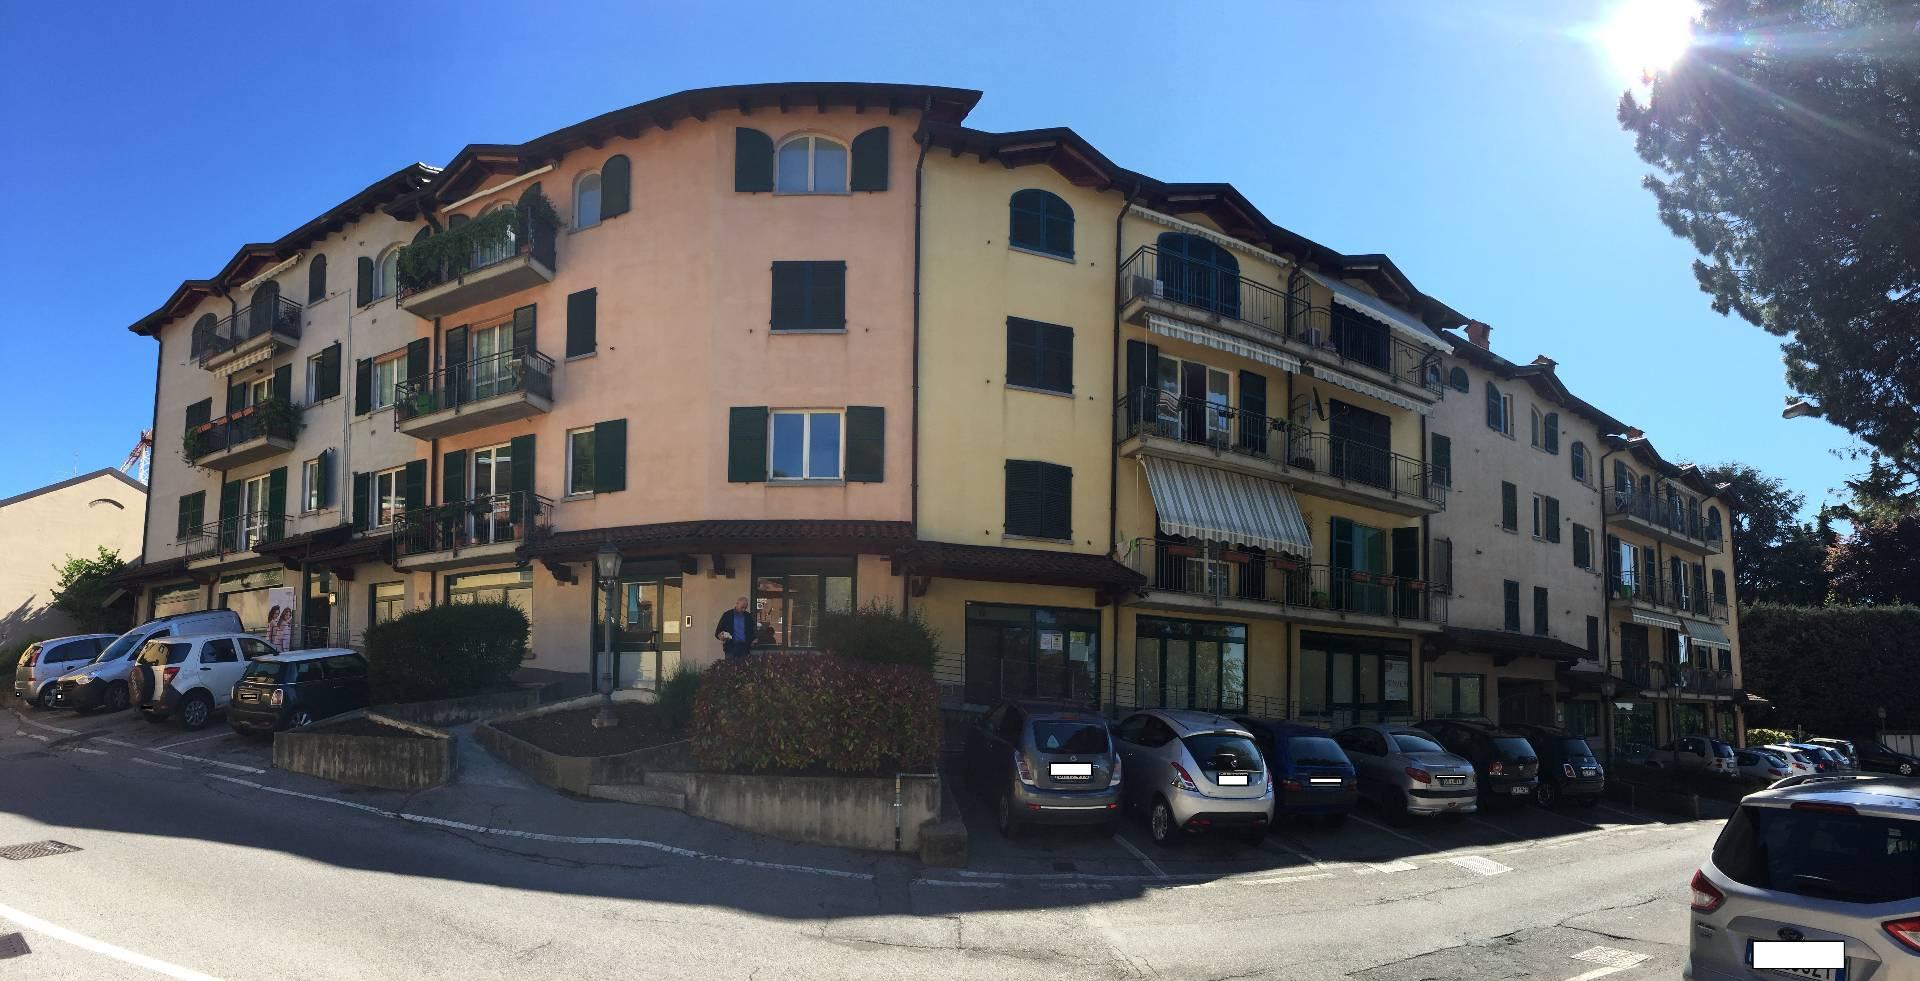 Ufficio / Studio in vendita a Ponte Lambro, 9999 locali, prezzo € 140.000 | CambioCasa.it